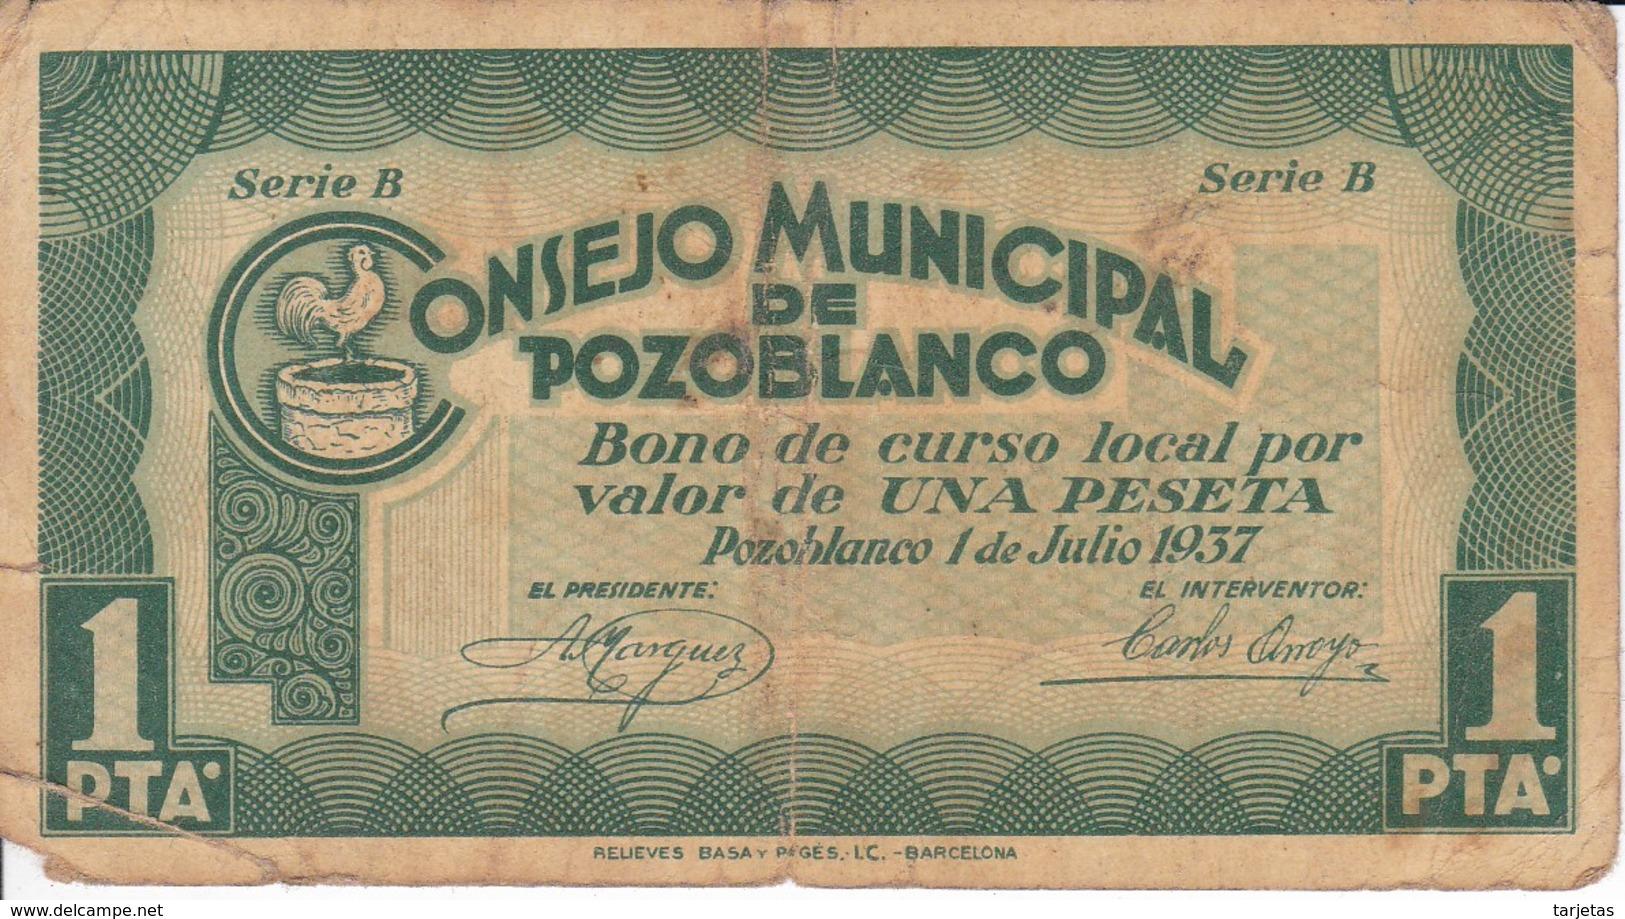 BILLETE DE 1 PESETA DEL CONSEJO MUNICIPAL DE POZOBLANCO DEL AÑO 1937 (CORDOBA)    (BANKNOTE) - Sin Clasificación